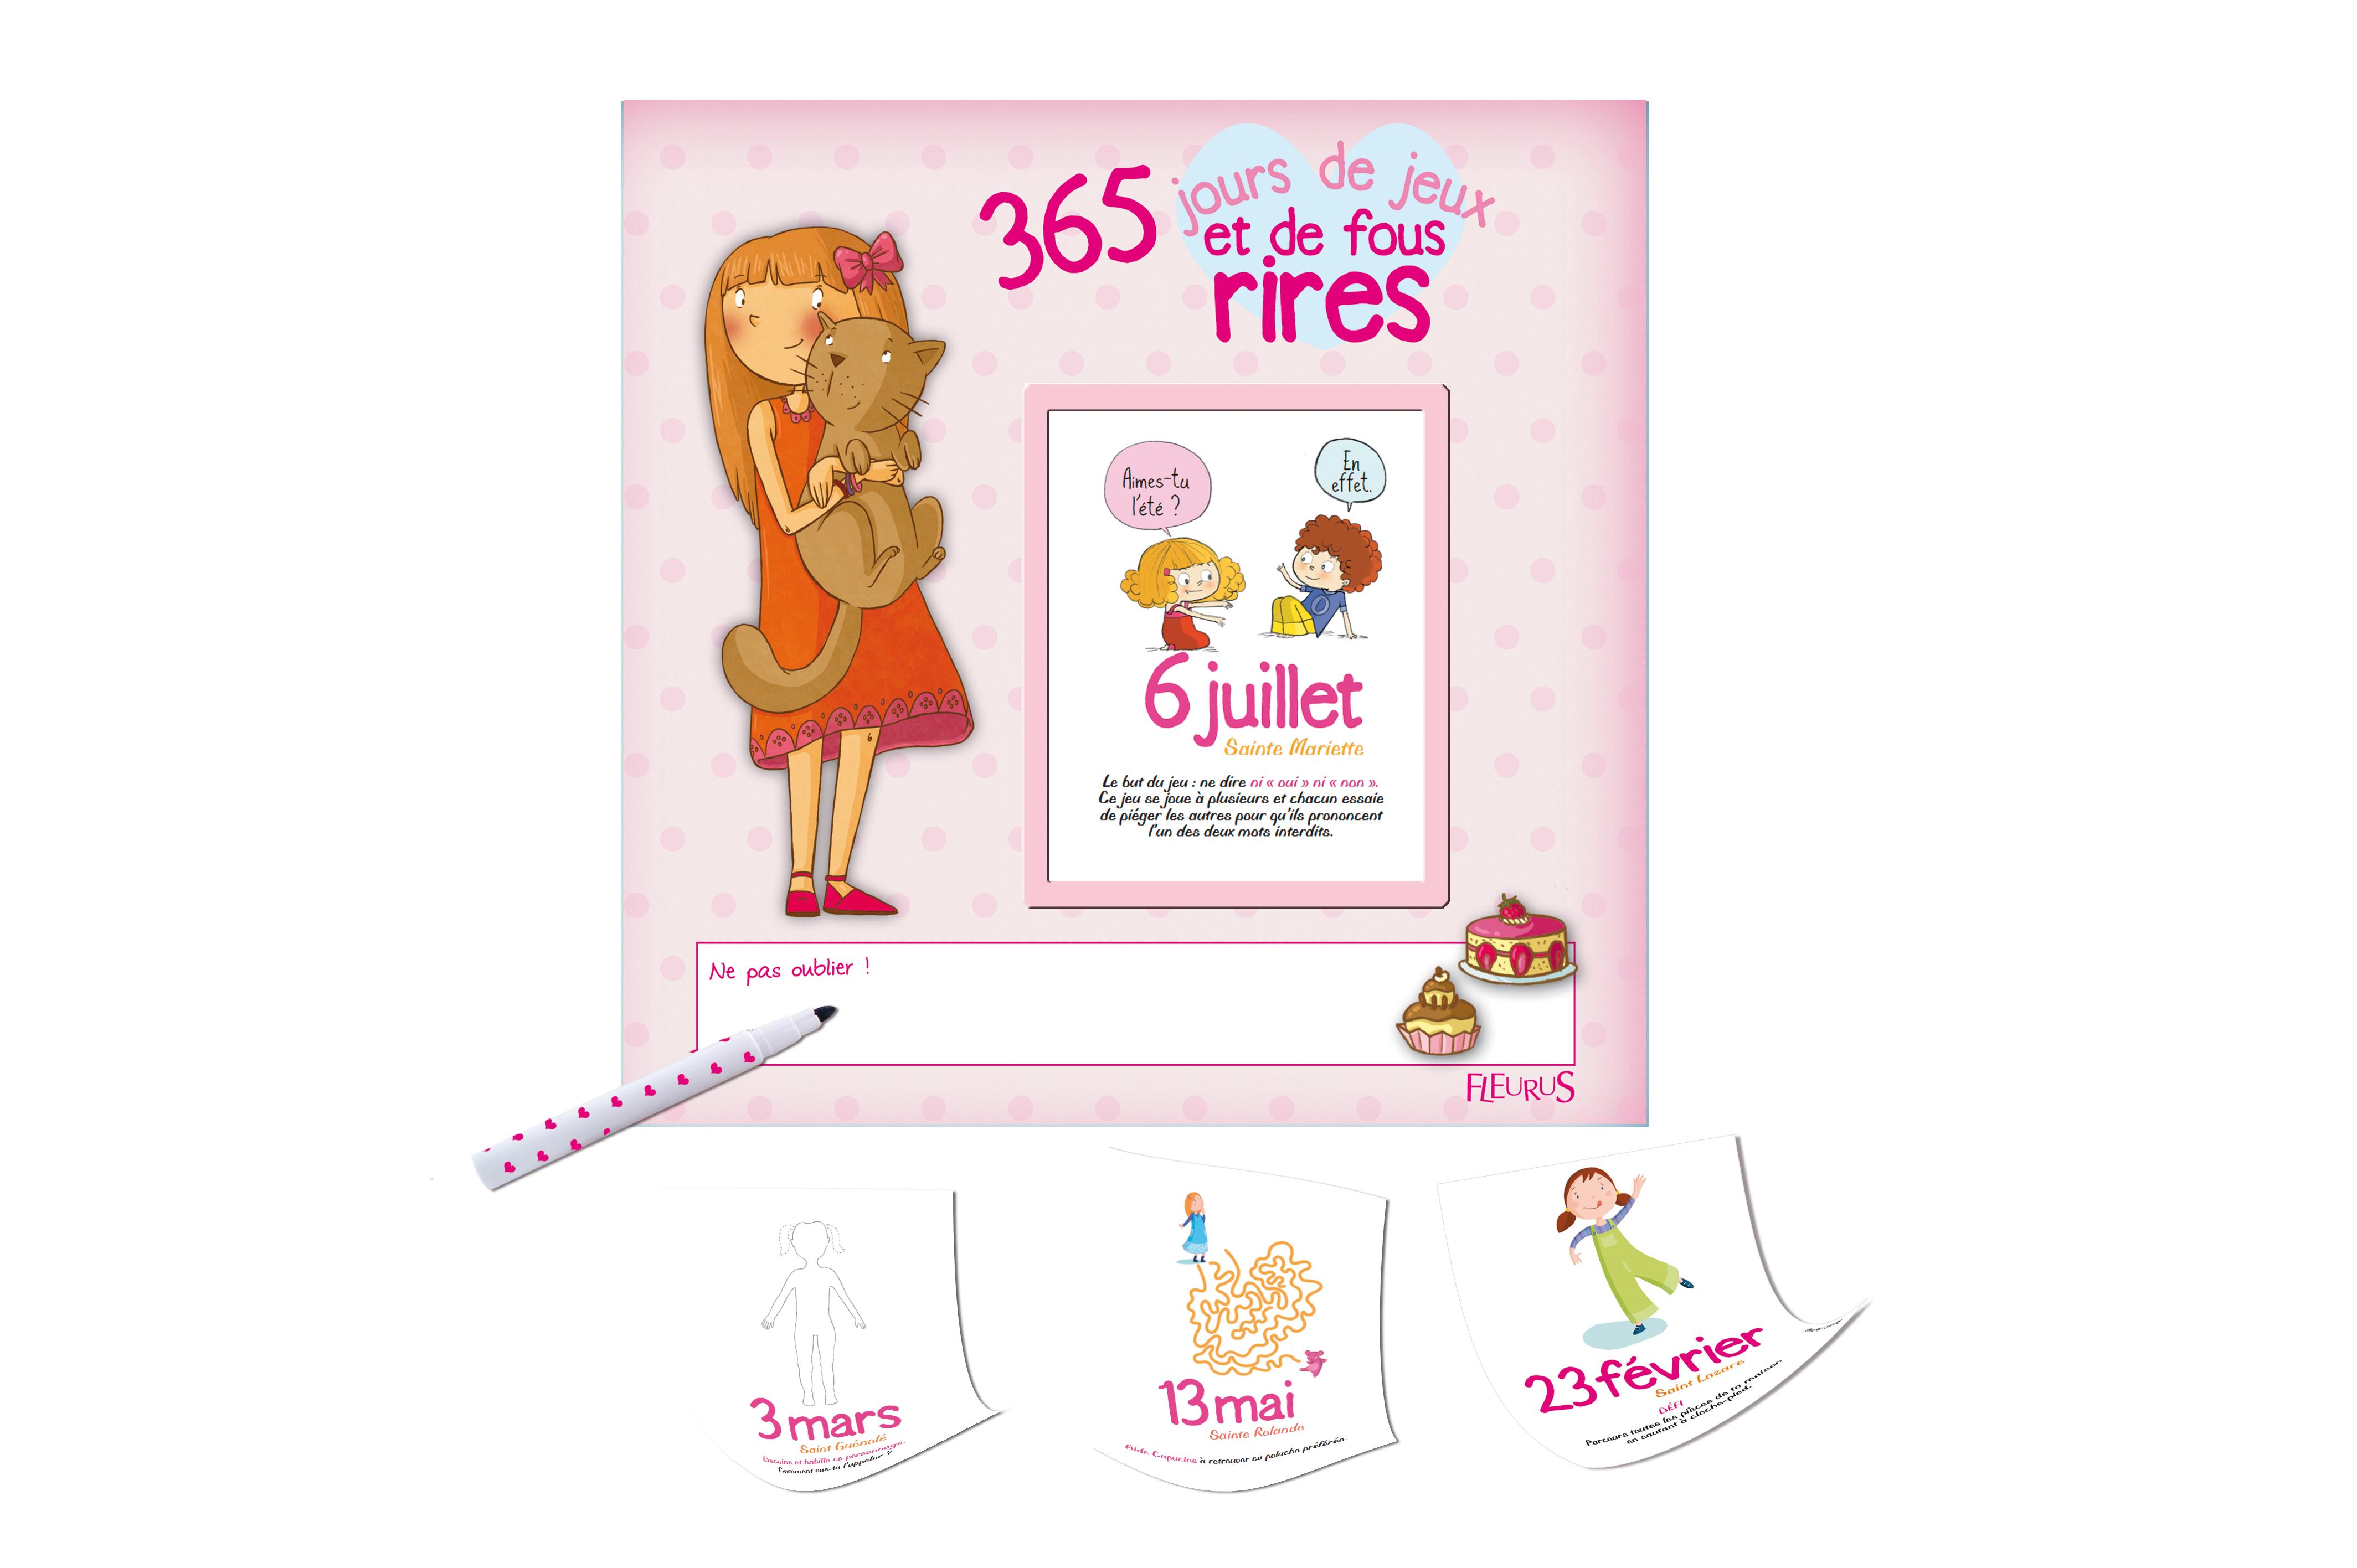 365 JOURS JEUX FOUS RIRES-FILLES